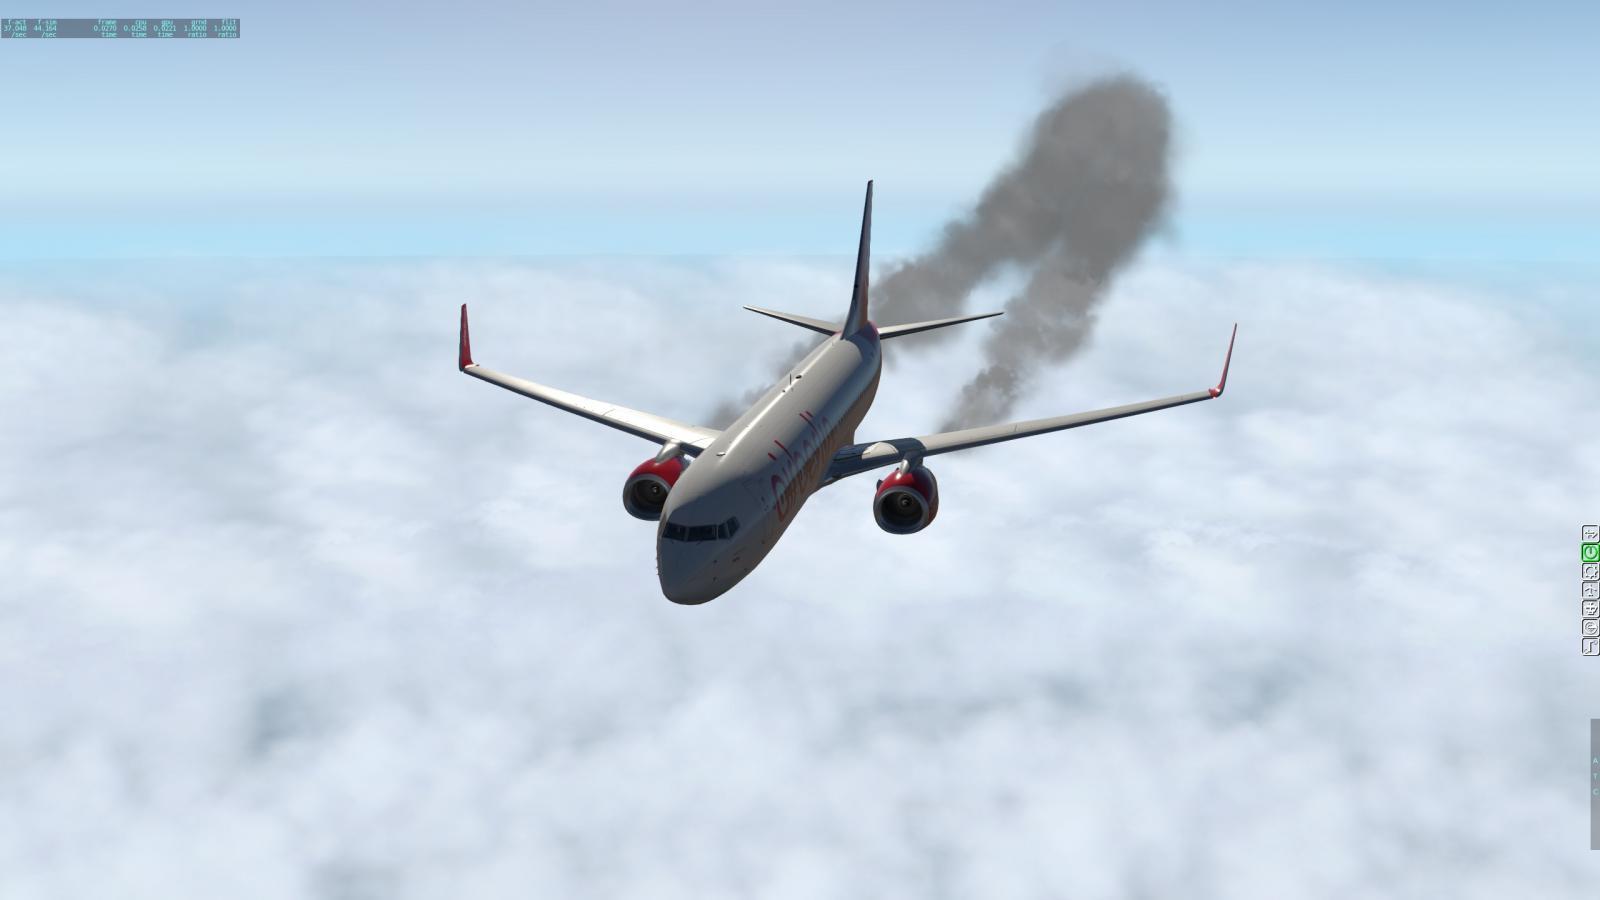 Unrealistic dark smoke (contrails) - XP11 General discussion